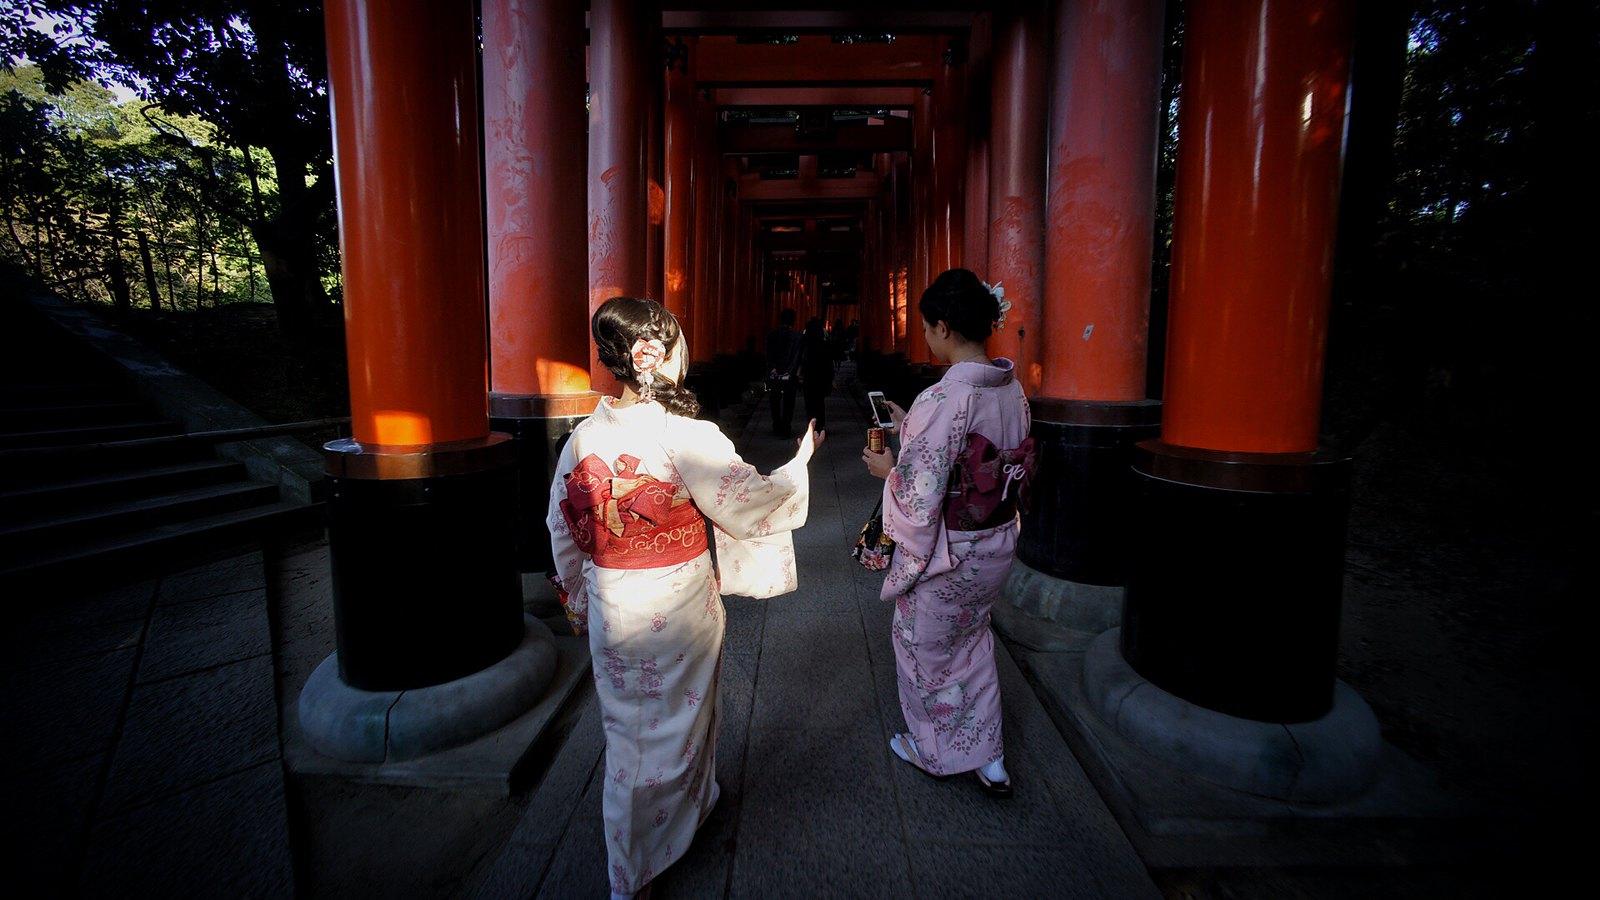 """""""Take my phone bro"""" #inari #Kyoto #japan15 #SonyA7 #Voigtlander12mm"""